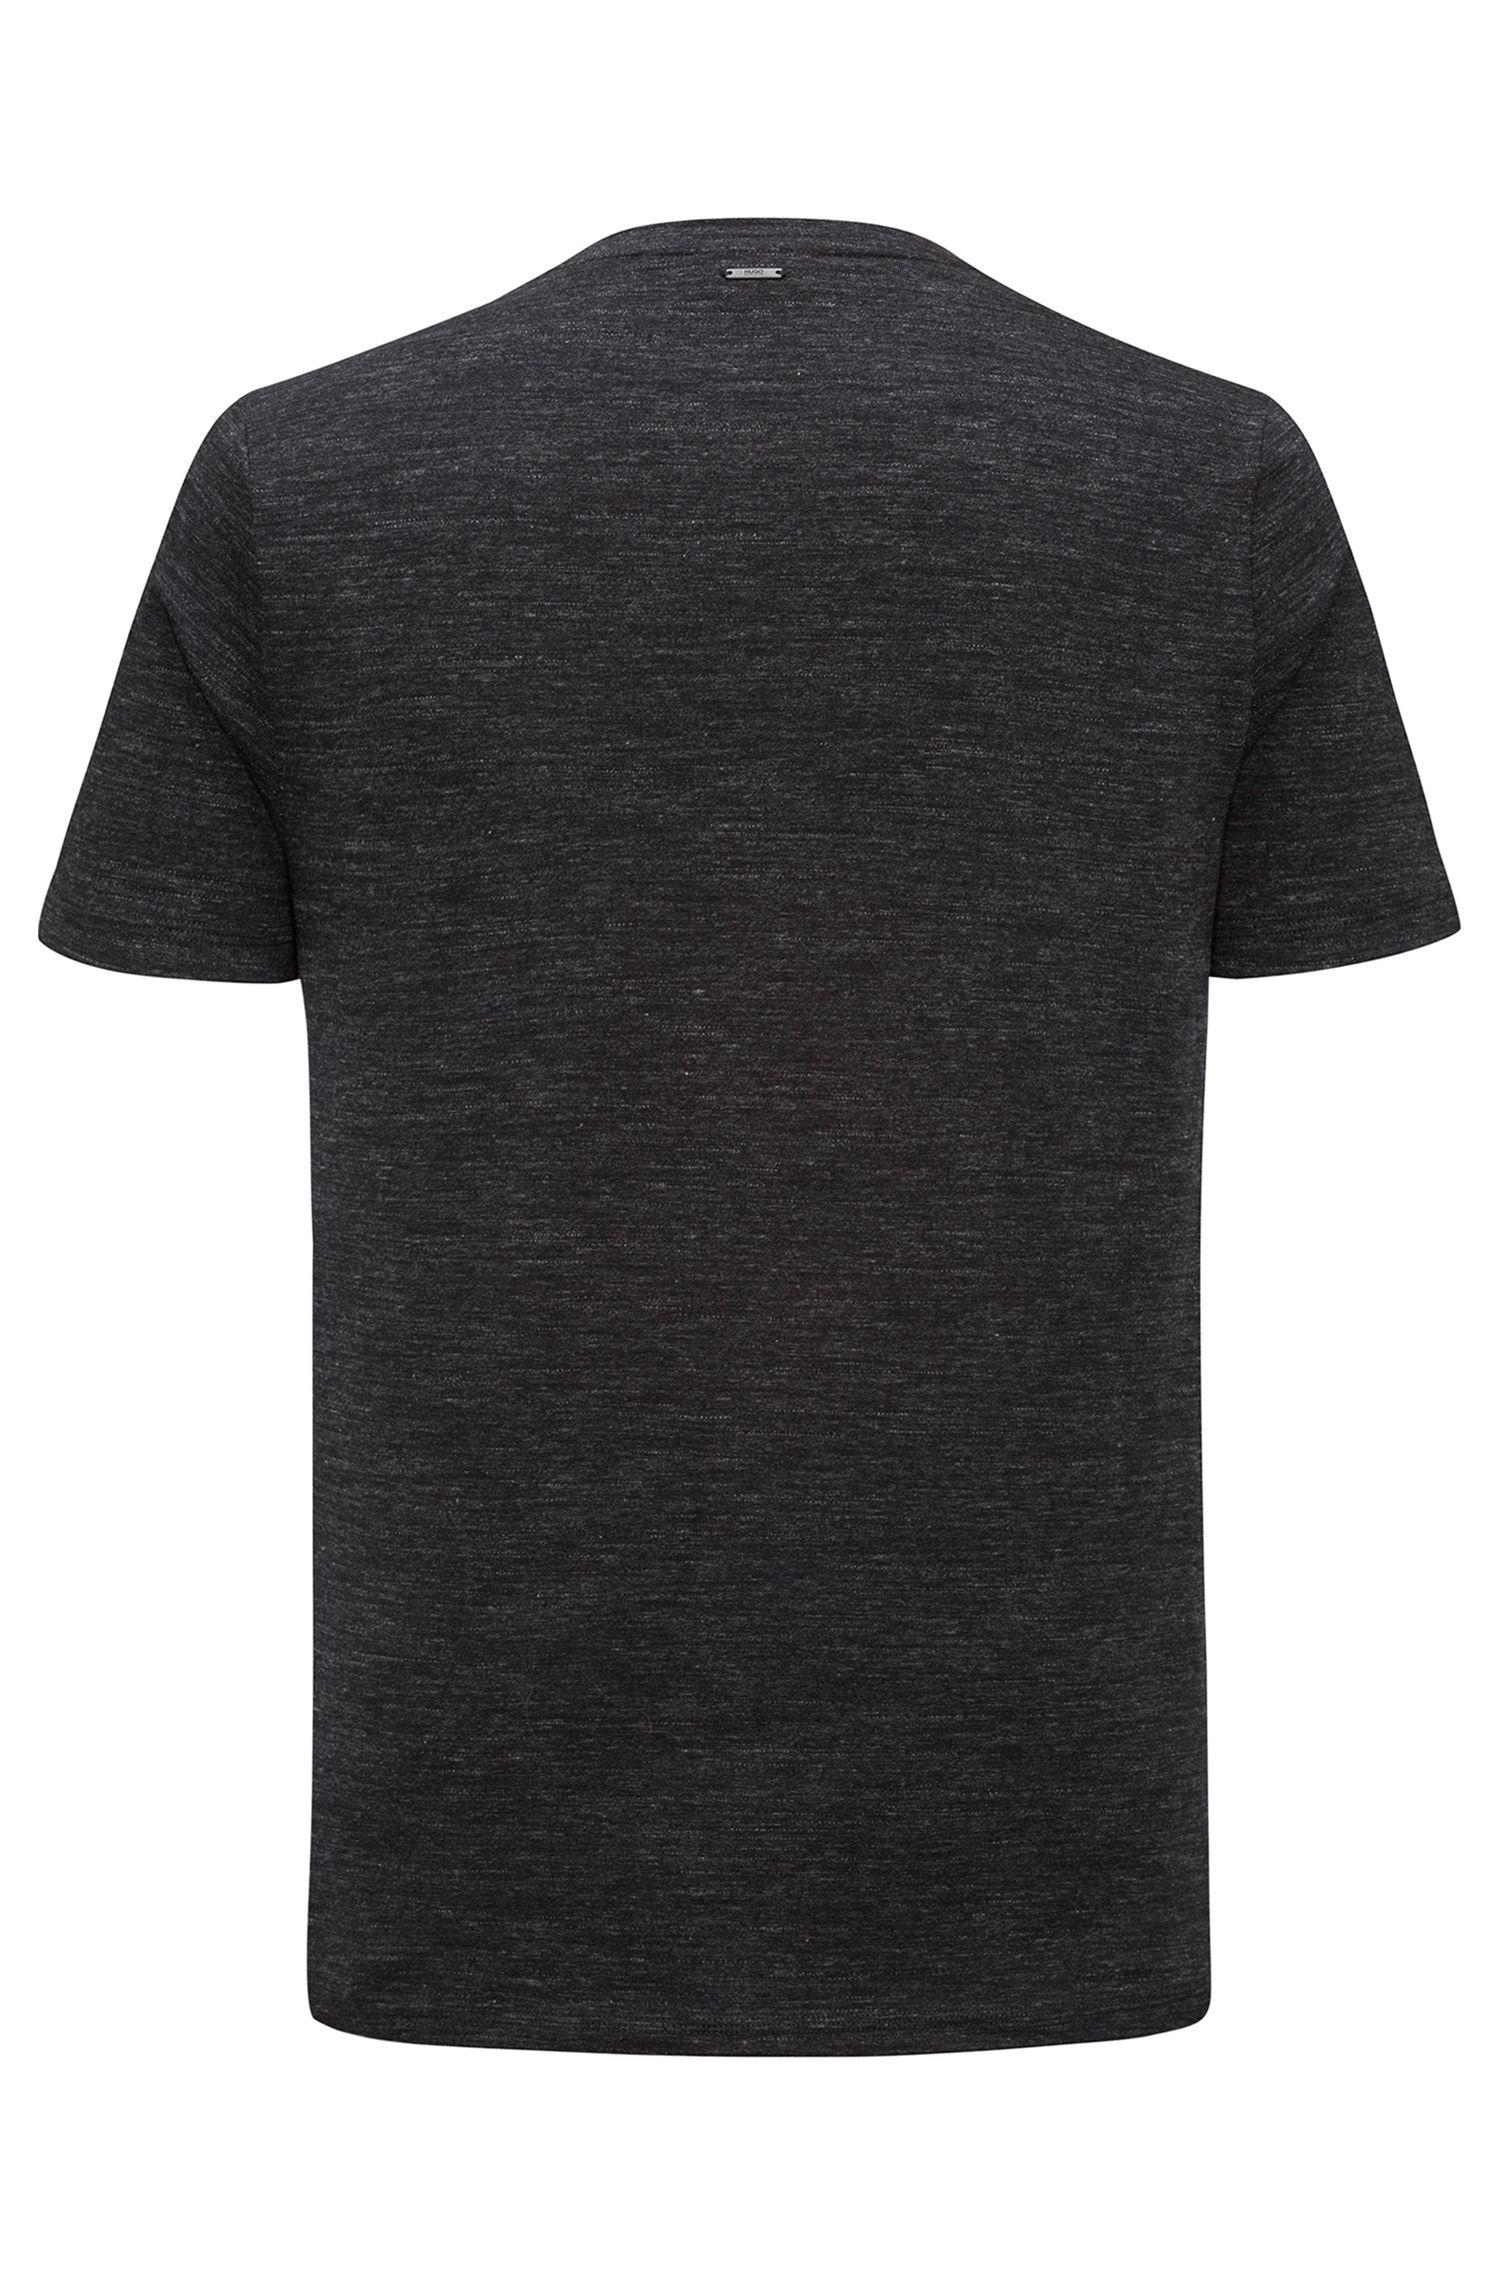 Faux Leather-Trim Cotton T-Shirt | Dohnny, Black